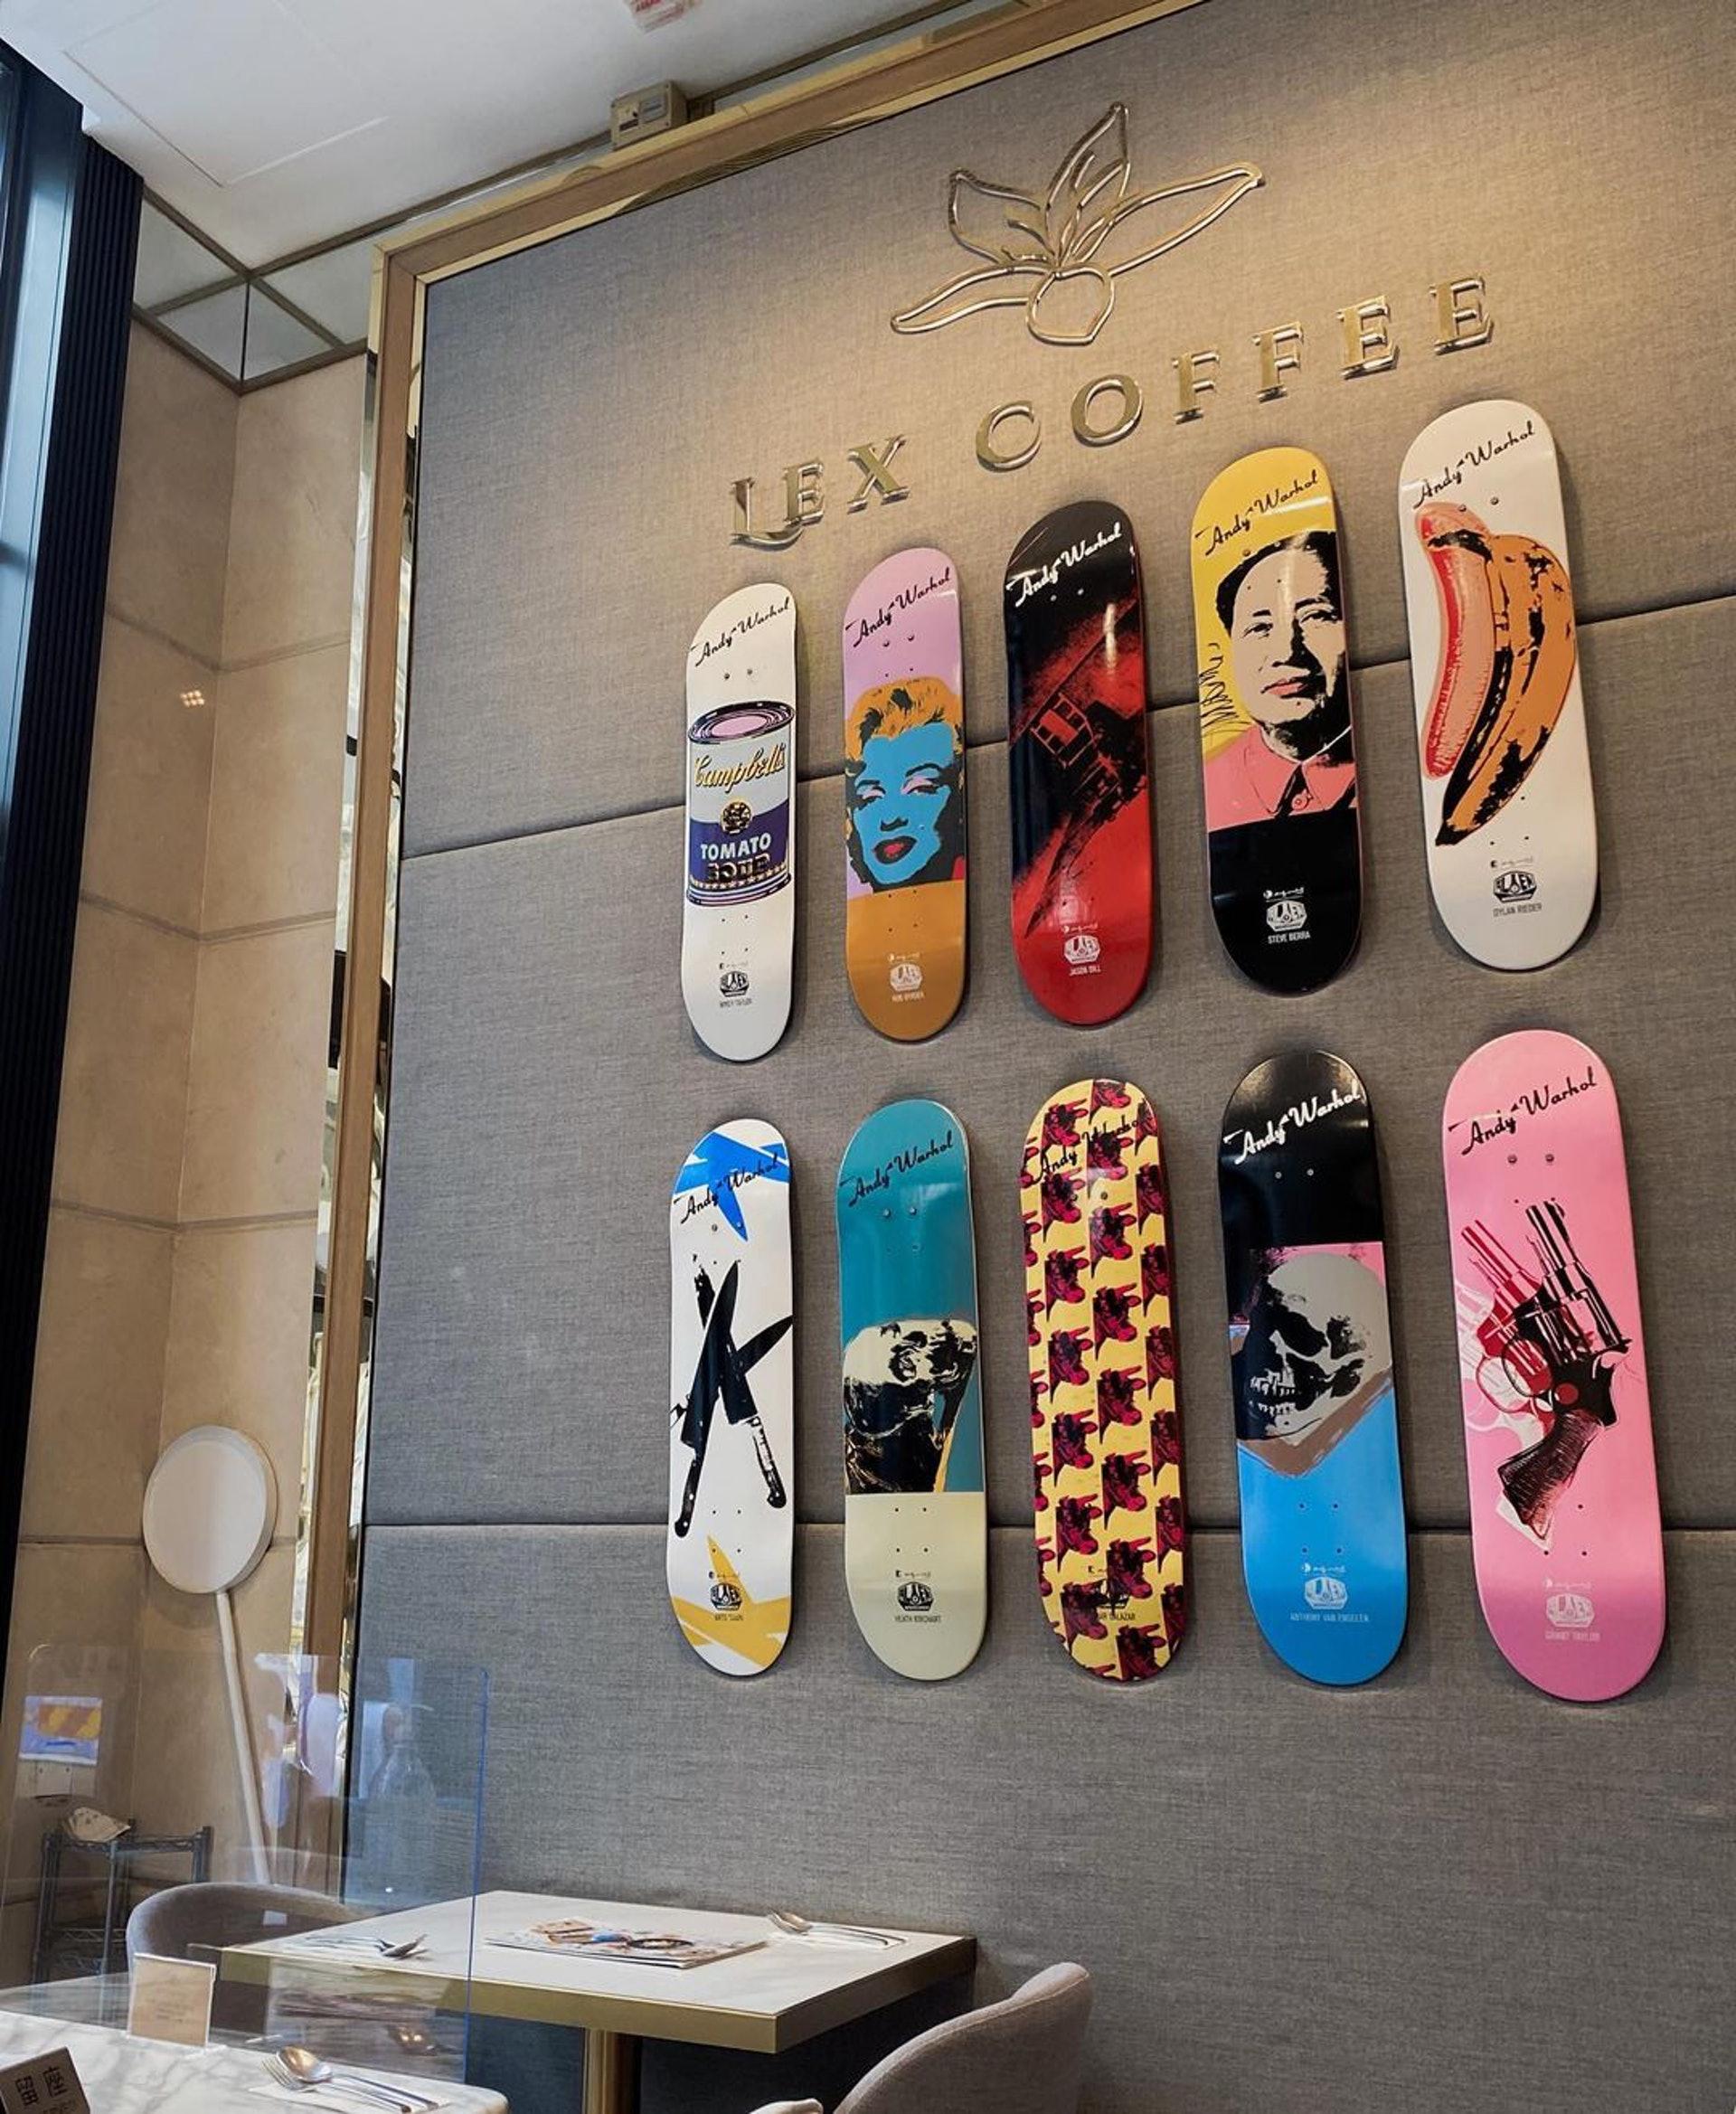 牆上掛滿色彩繽紛的滑板、畫作等。(ig@ sophiaachung)